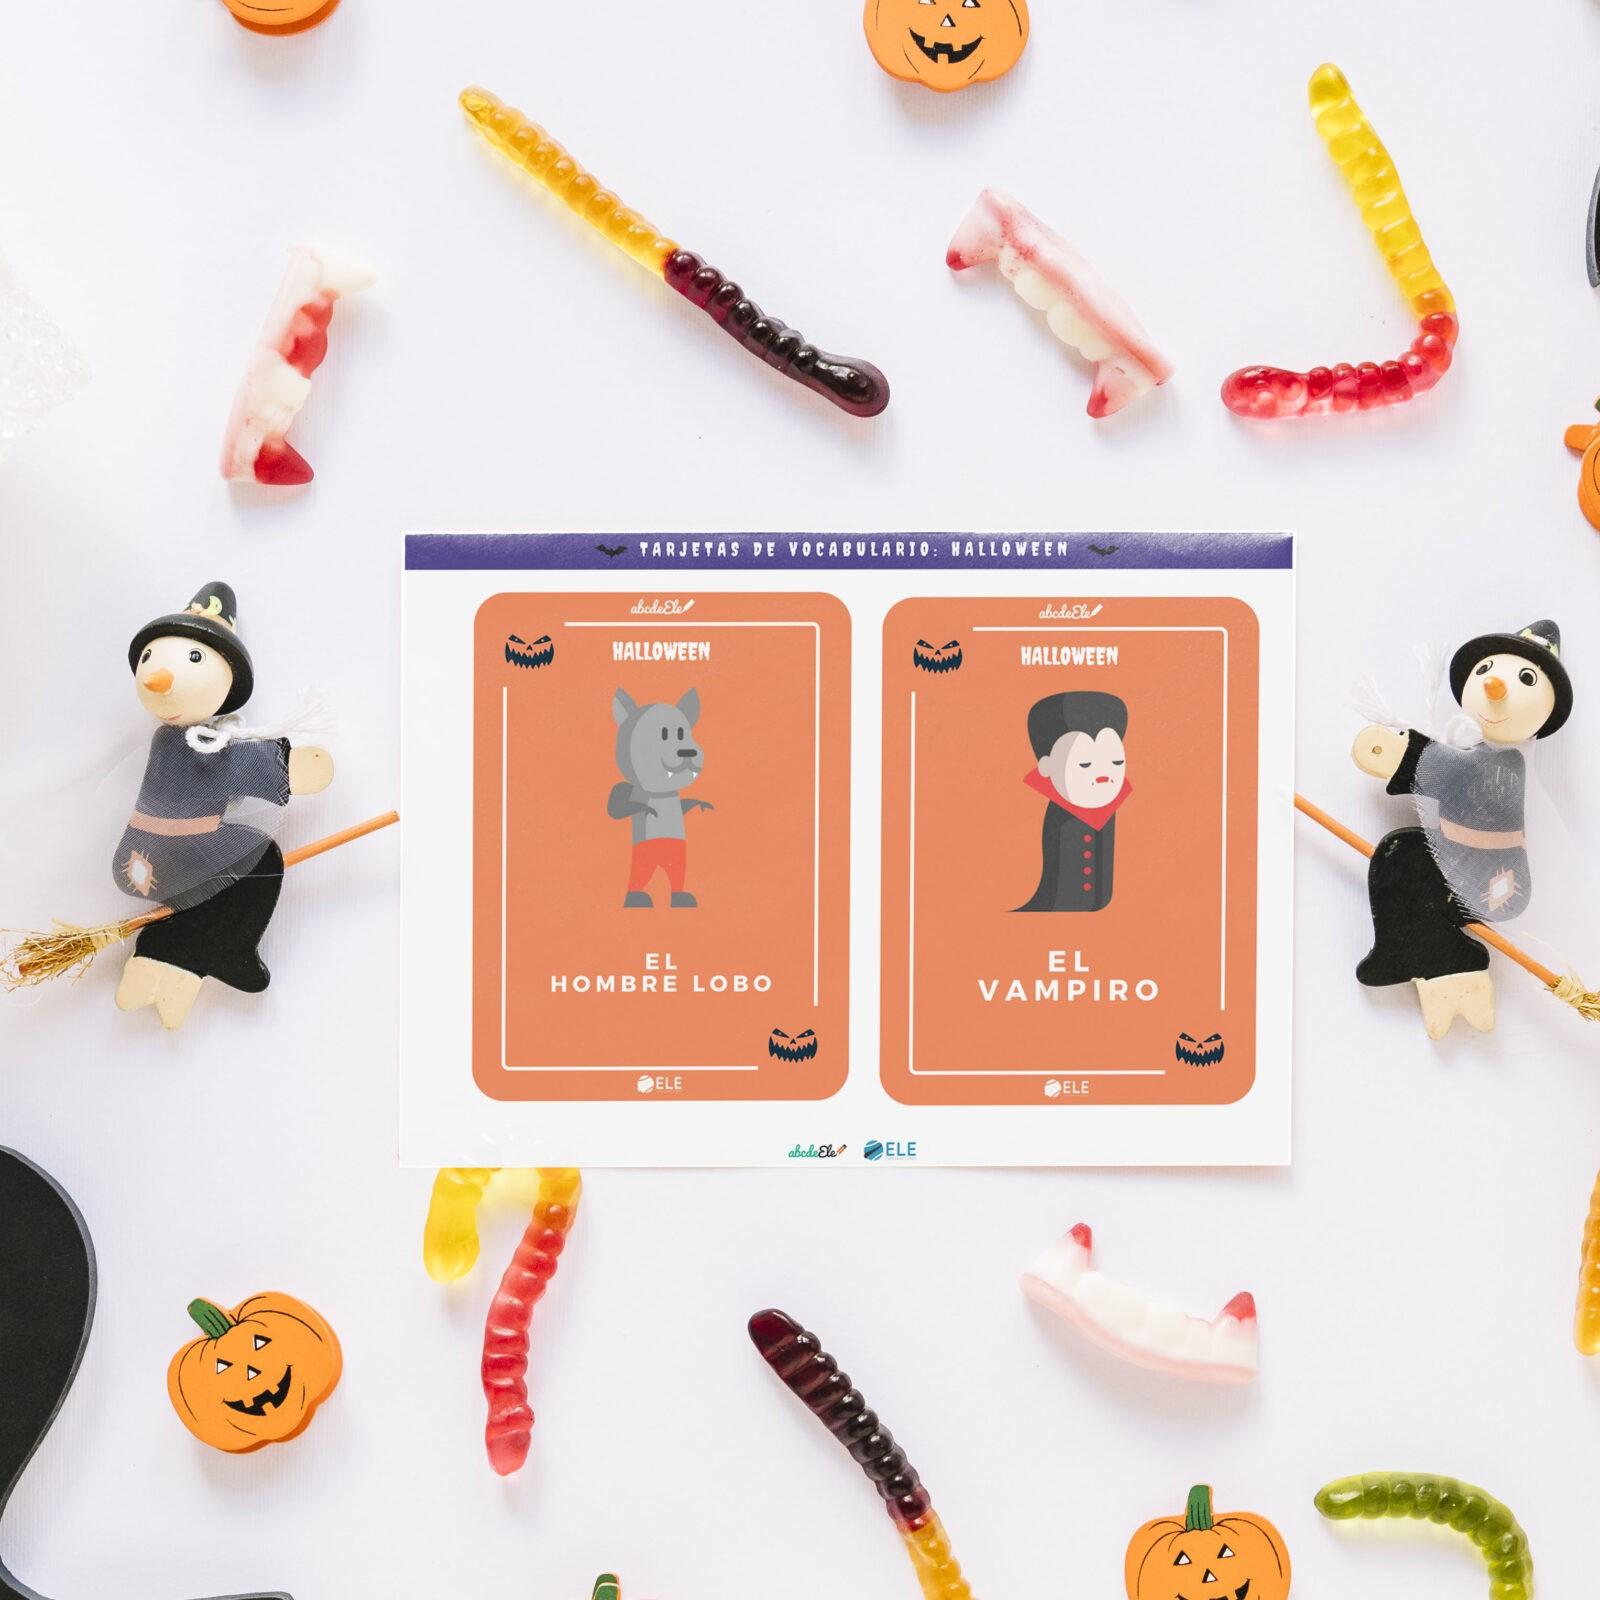 Tarjetas de vocabulario de Halloween [MATERIAL COMPLETO]